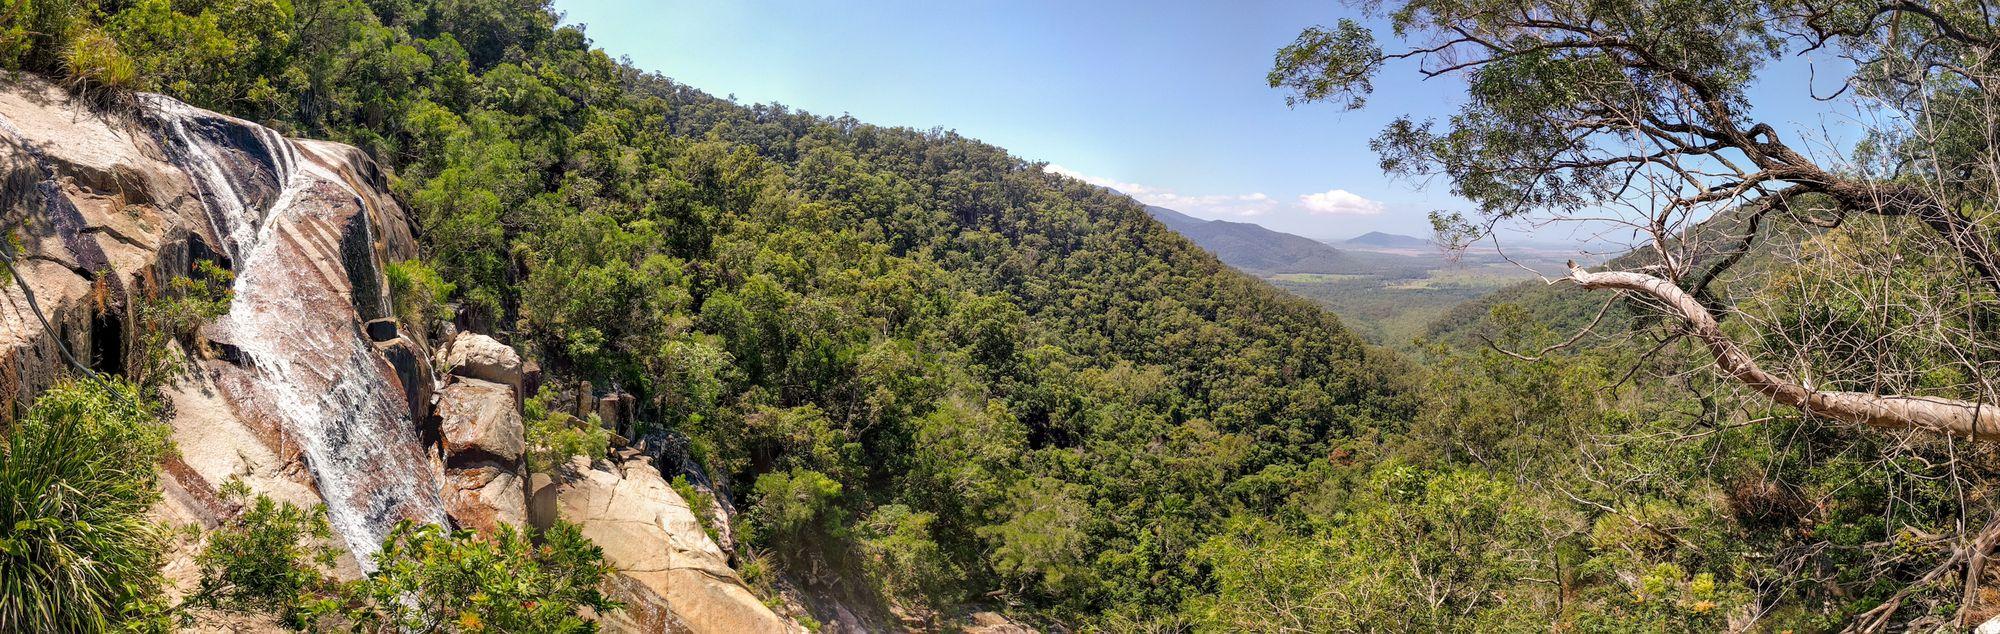 the cascades pano